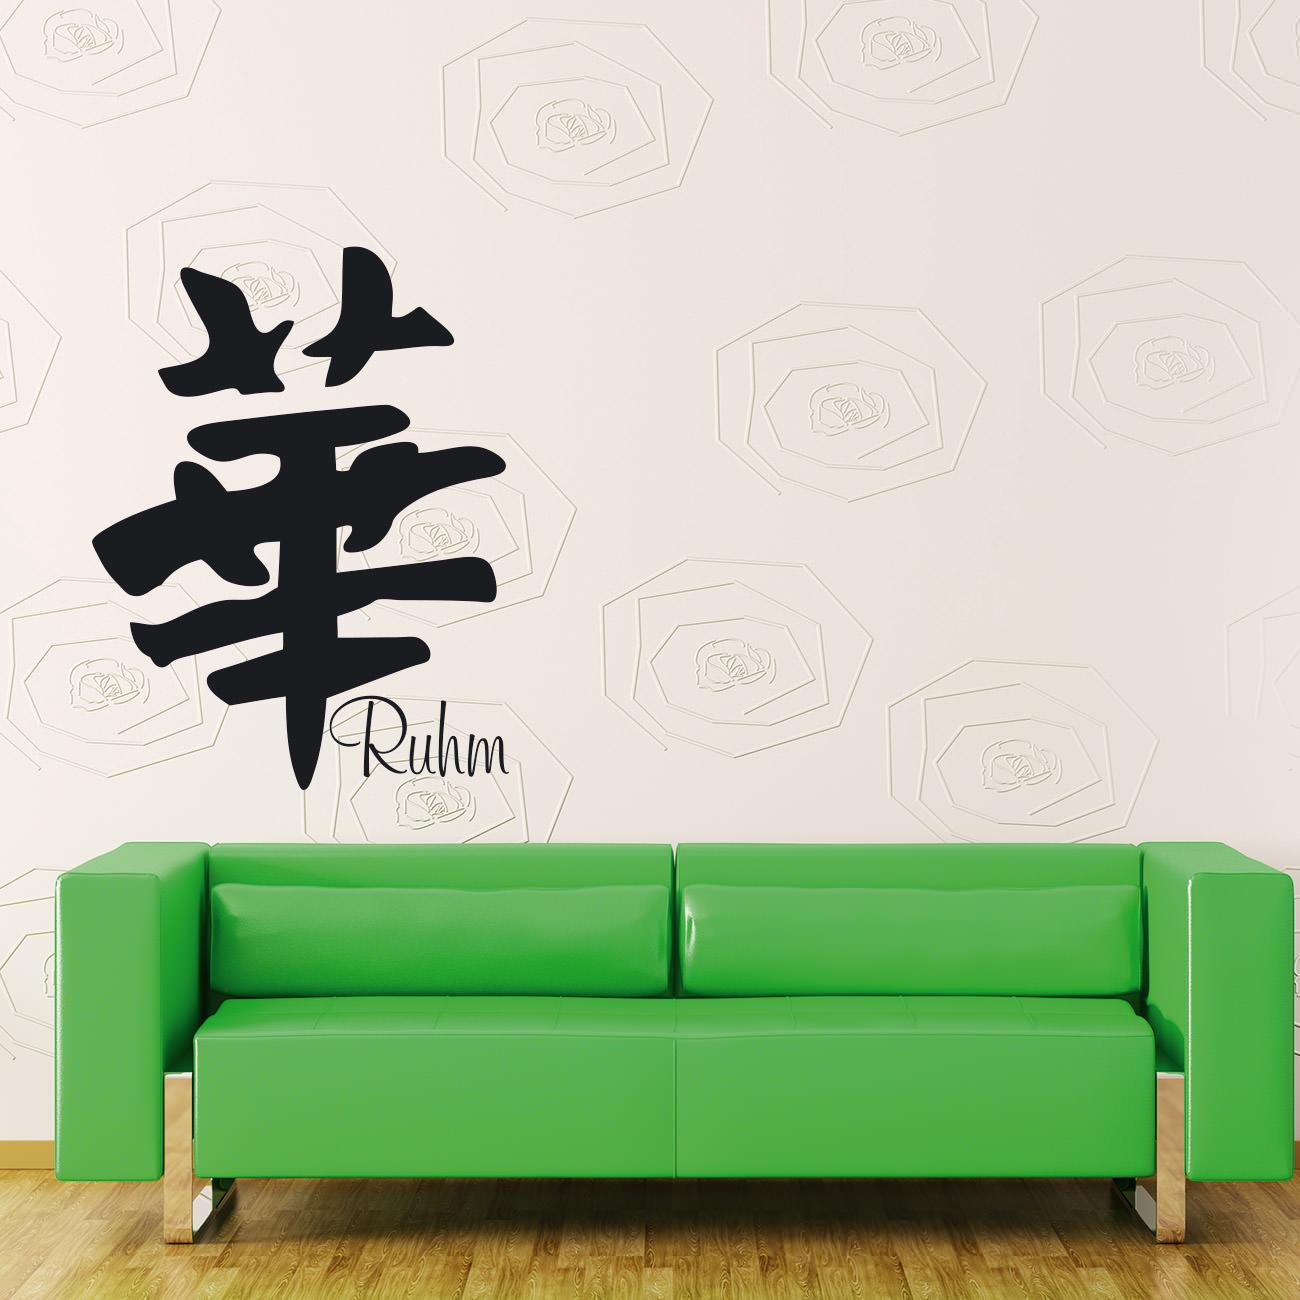 Superb Wandtattoo Chinesisches Zeichen   Ruhm